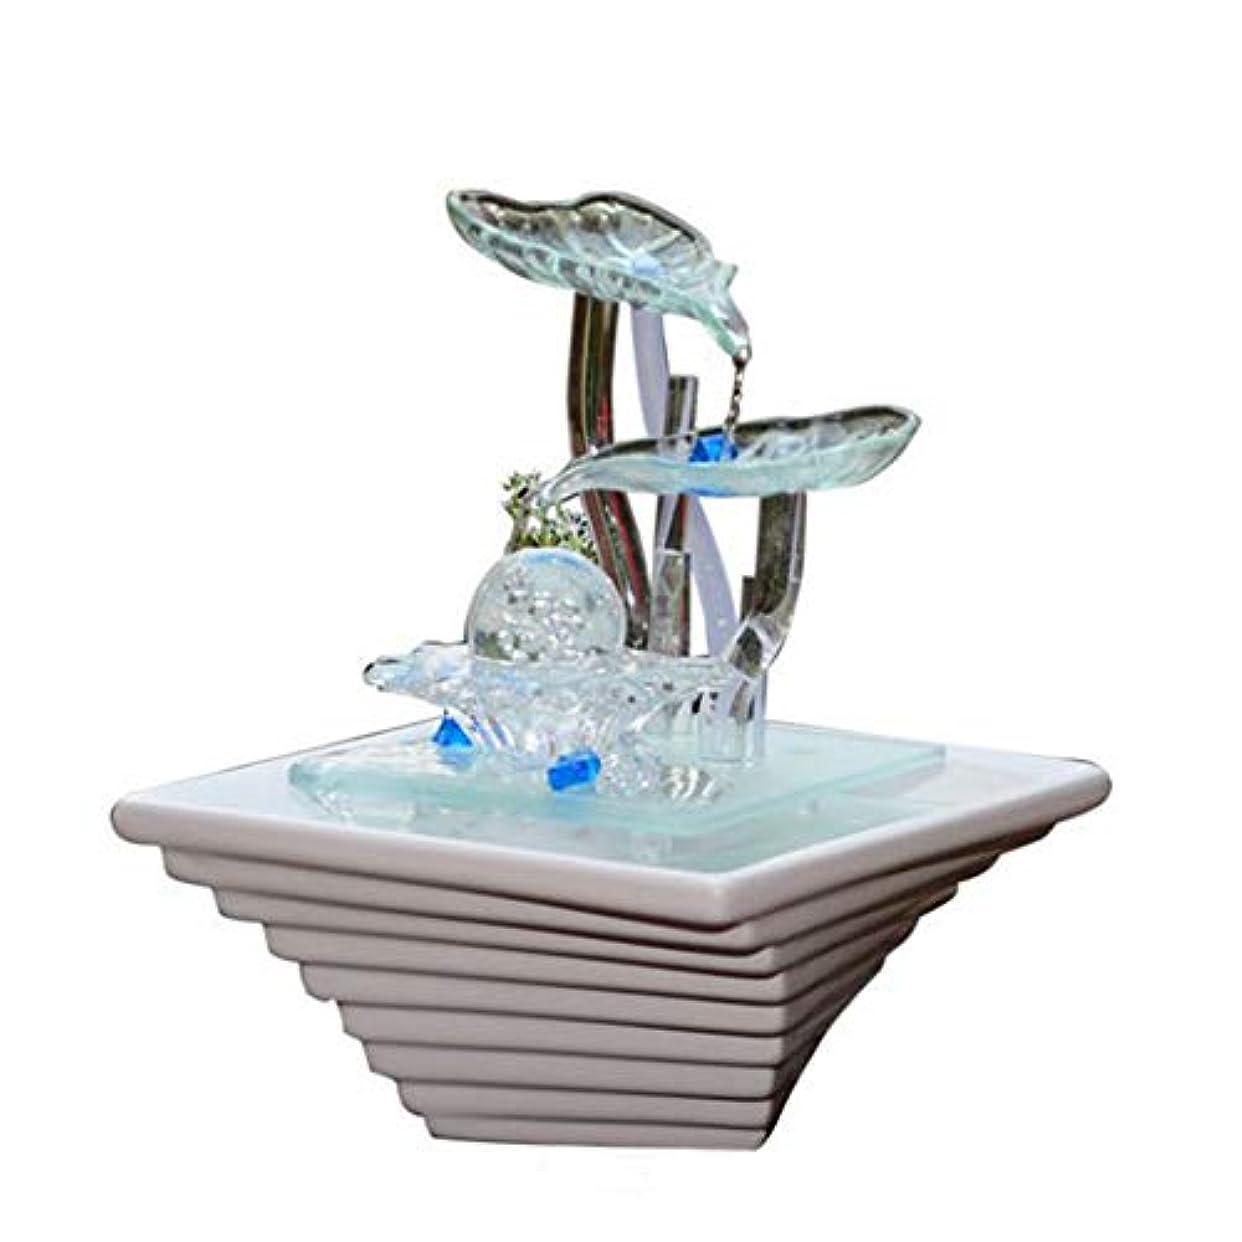 やろうもっともらしい立ち寄る加湿器ホームデスクトップの装飾セラミックガラス工芸品の装飾品噴水装飾品バレンタインデー結婚式の誕生日パーフェクトギフト